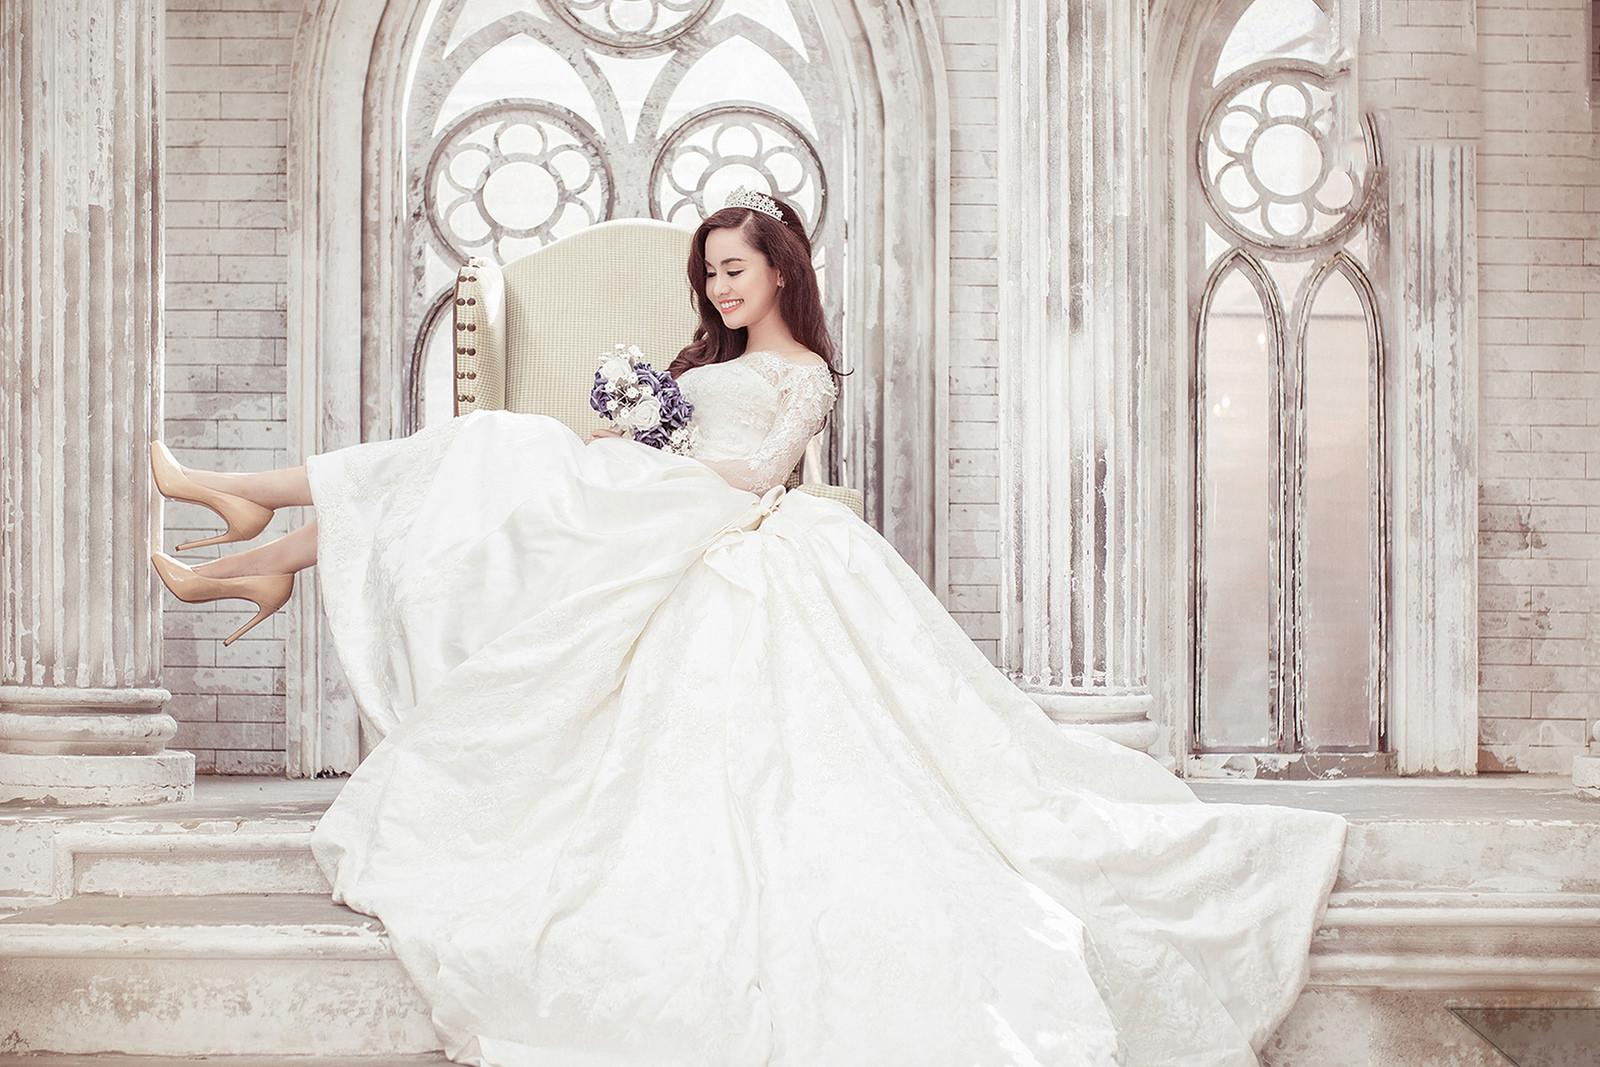 Ảnh cô dâu đẹp dịu dàng trong bộ váy cưới